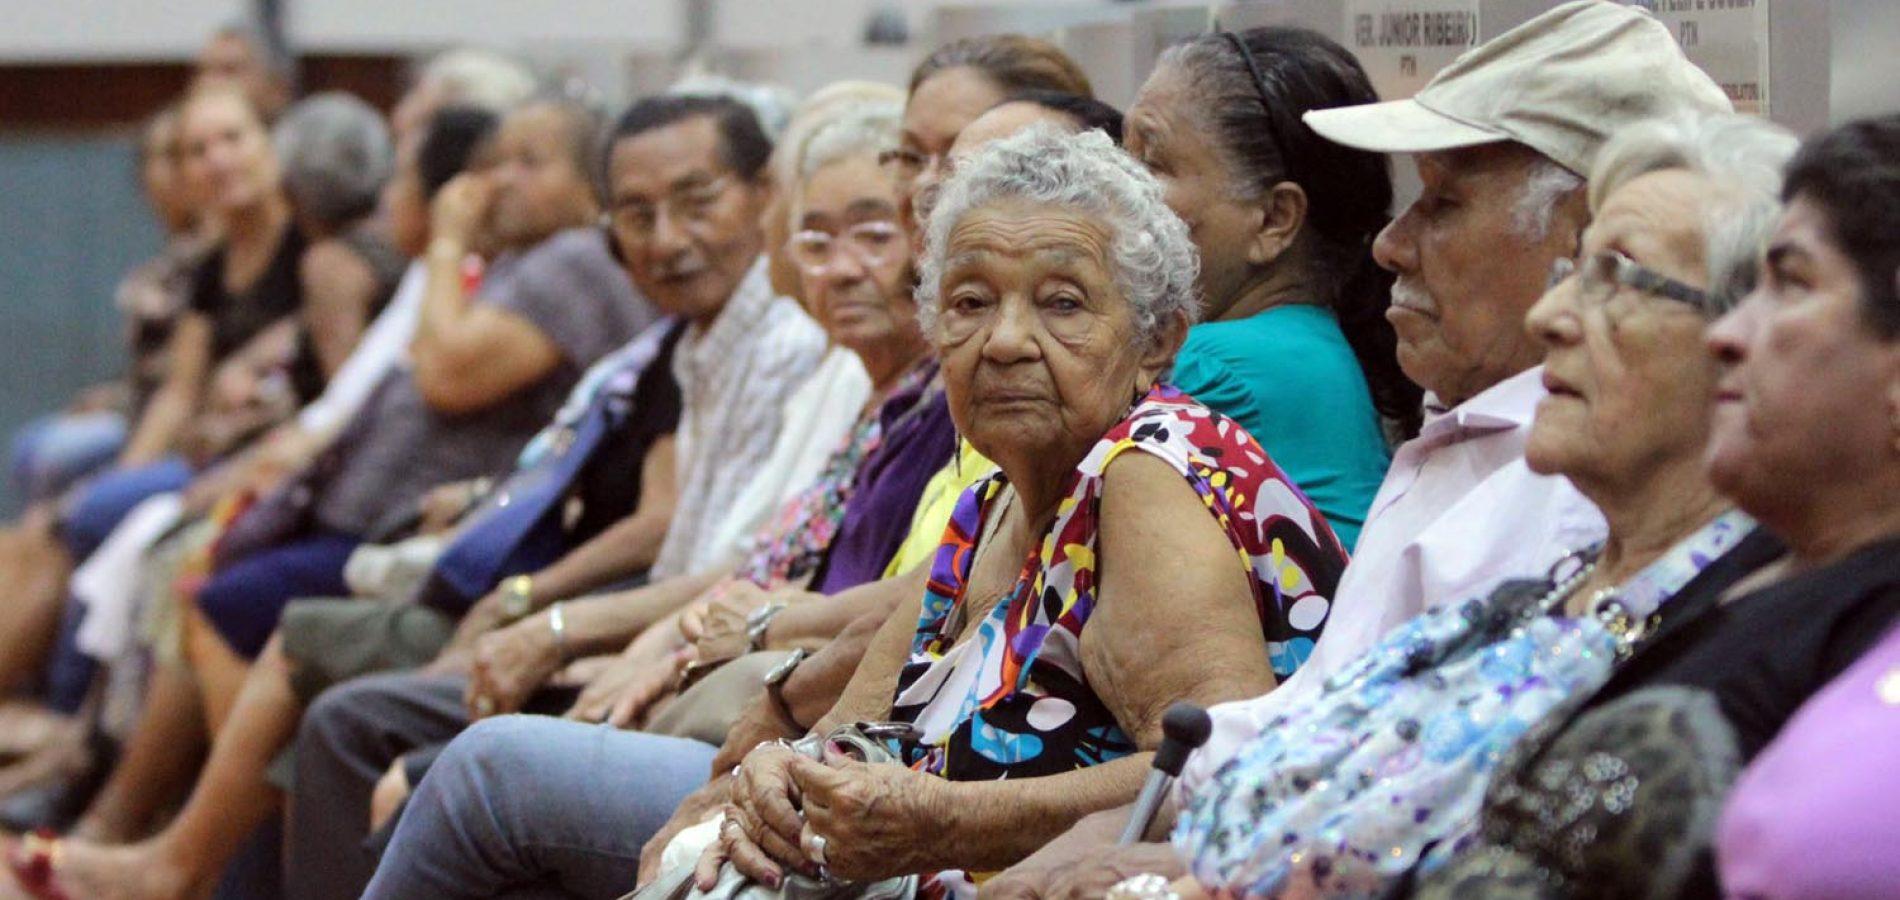 Mais de 200 aposentados registram BO após serem vítimas de golpes  bancáriosMais de 200 aposentados registram BO após serem vítimas de golpes  bancários - Cidades na Net